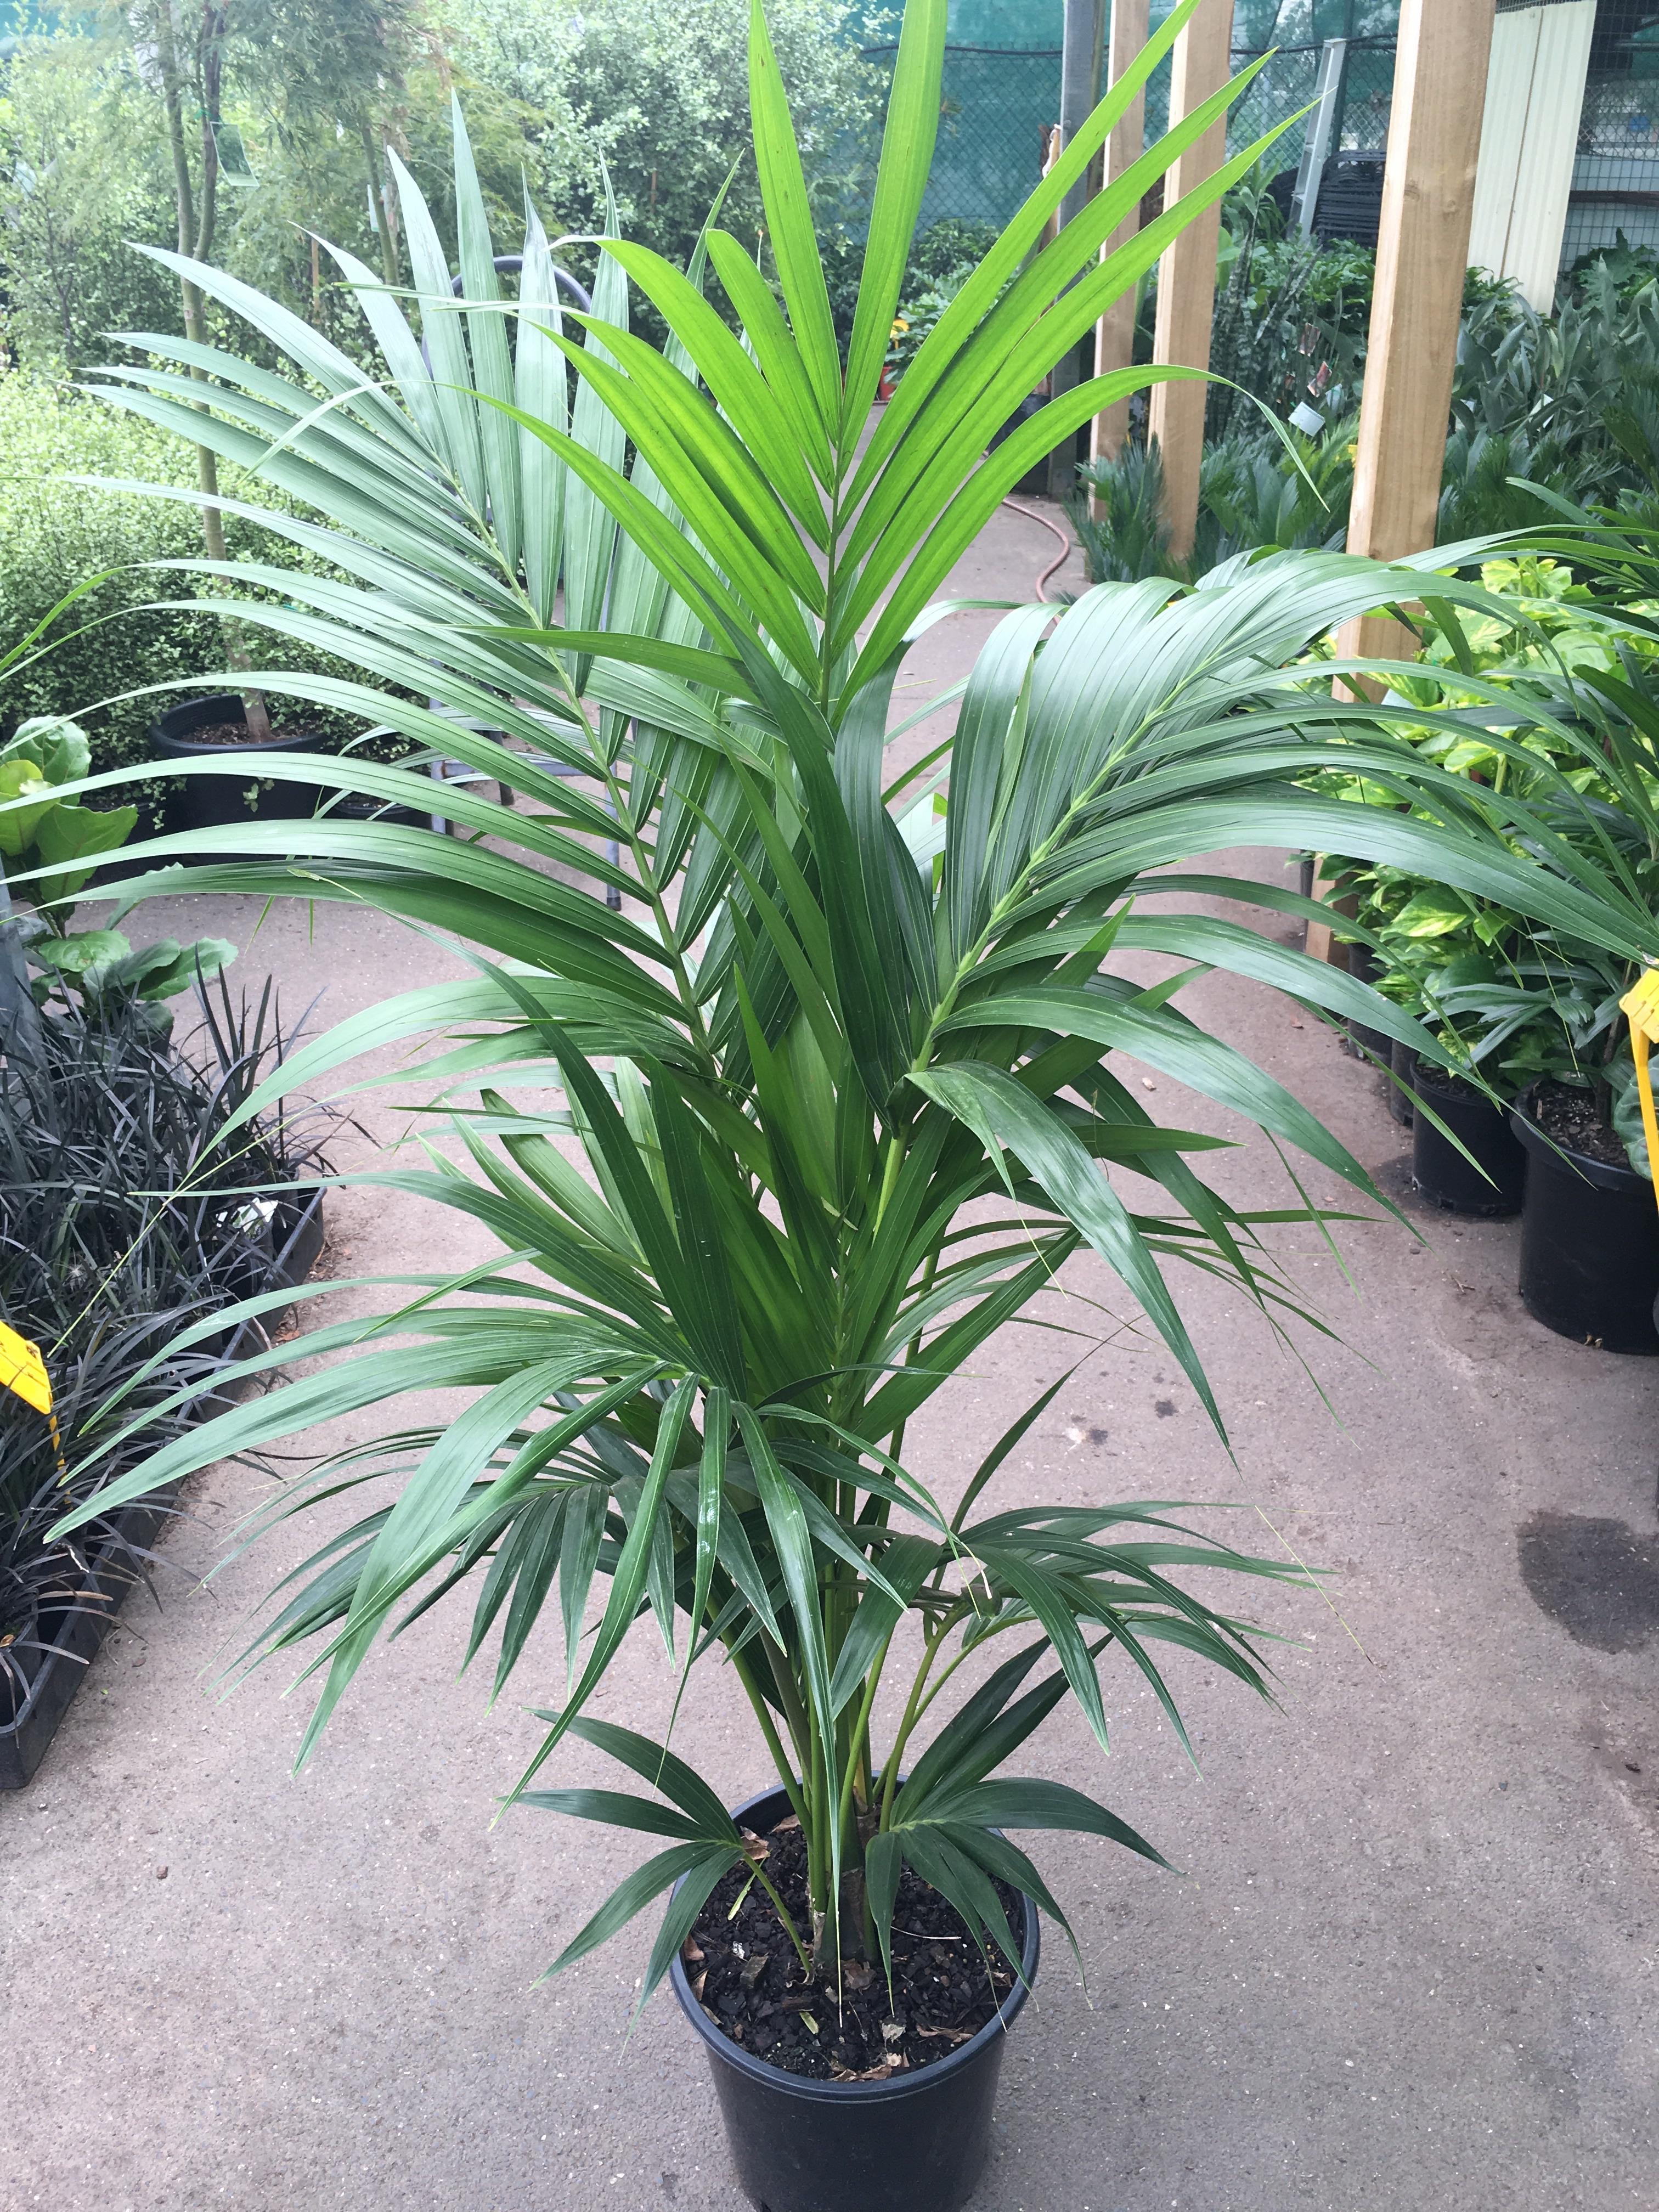 Best plants for no sunlight rent indoor plants that - Plants that need no sunlight ...